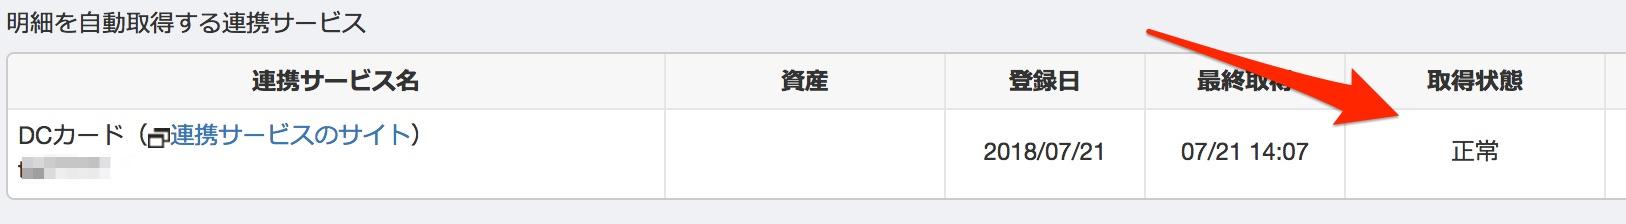 マネーフォワードクラウド会計・確定申告-銀行口座の登録(個人口座)6